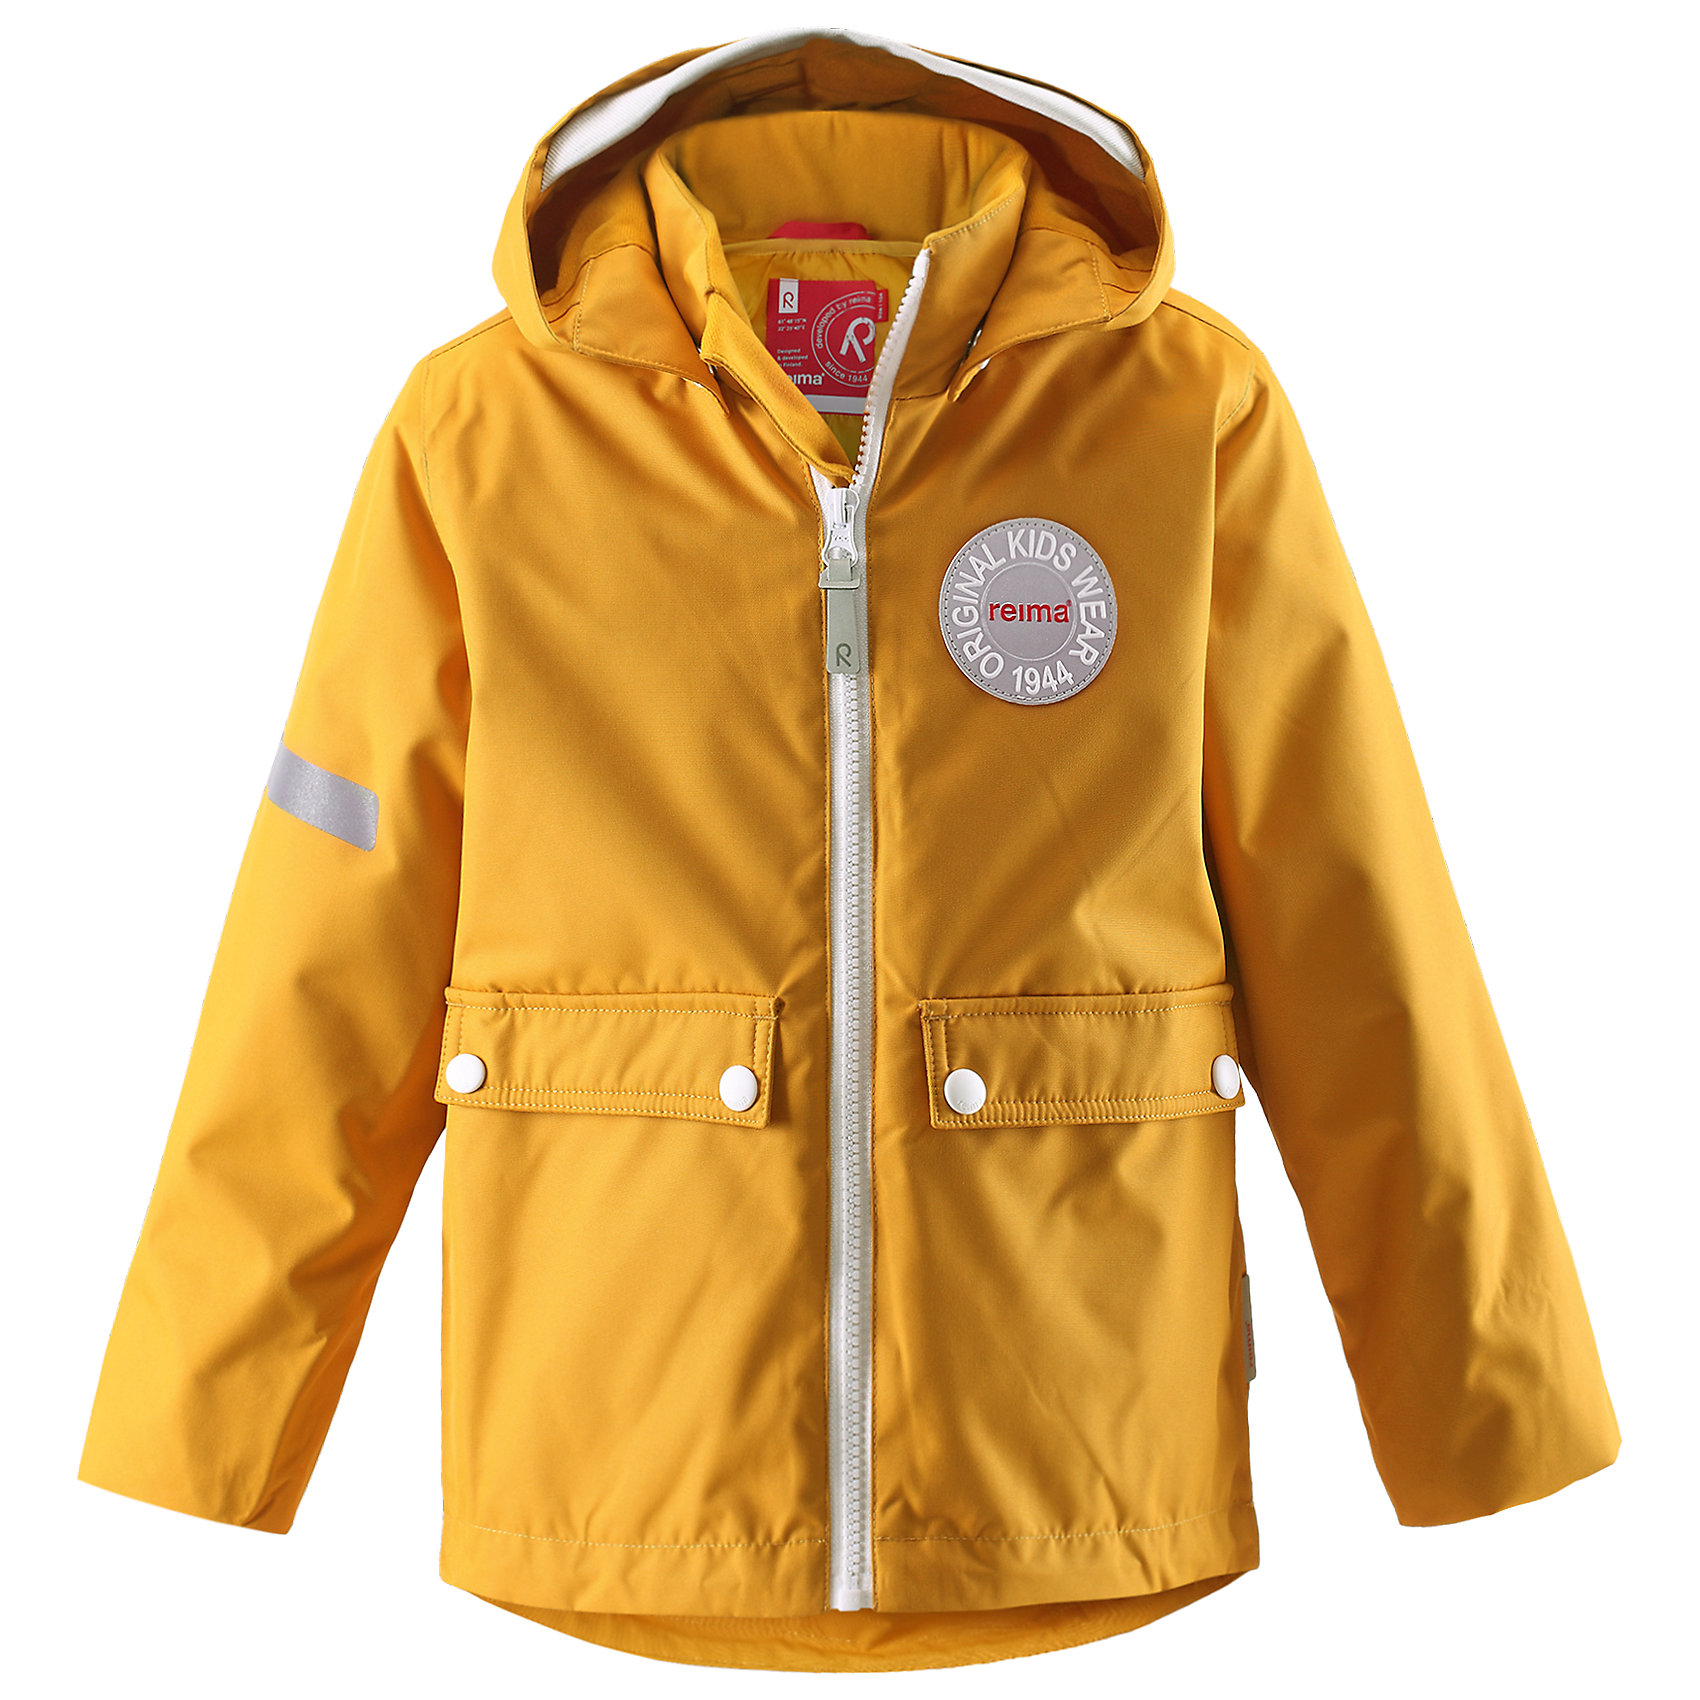 Куртка Taag ReimaКуртка  Reima<br>Зимняя куртка для детей. Основные швы проклеены и не пропускают влагу. Водо- и ветронепроницаемый, «дышащий» и грязеотталкивающий материал. Съемная стеганная подкладка. Безопасный, съемный капюшон. Мягкая резинка на кромке капюшона и манжетах. Регулируемый подол. Два кармана с клапанами.<br>Утеплитель: Reima® Soft Loft insulation,160 g<br>Уход:<br>Стирать по отдельности, вывернув наизнанку. Застегнуть молнии и липучки. Стирать моющим средством, не содержащим отбеливающие вещества. Полоскать без специального средства. Во избежание изменения цвета изделие необходимо вынуть из стиральной машинки незамедлительно после окончания программы стирки. Сушить при низкой температуре. <br>Состав:<br>100% Полиамид, полиуретановое покрытие<br><br>Ширина мм: 356<br>Глубина мм: 10<br>Высота мм: 245<br>Вес г: 519<br>Цвет: желтый<br>Возраст от месяцев: 60<br>Возраст до месяцев: 72<br>Пол: Унисекс<br>Возраст: Детский<br>Размер: 116,122,110,140,134,128,104,98,92<br>SKU: 4777926